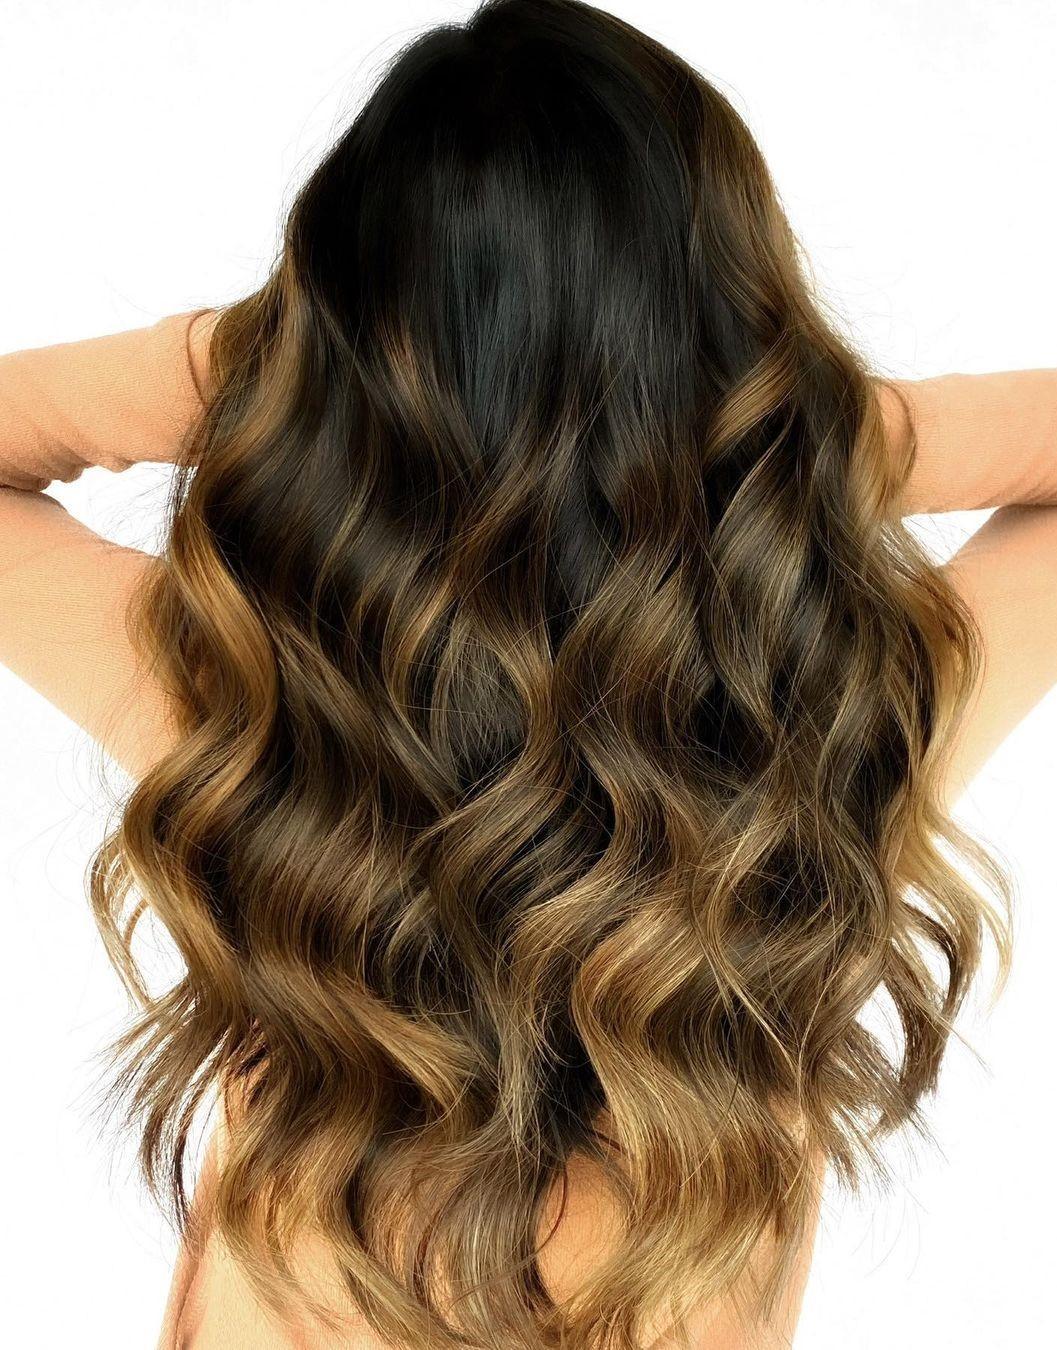 Dark Hair with Golden Blonde Highlights